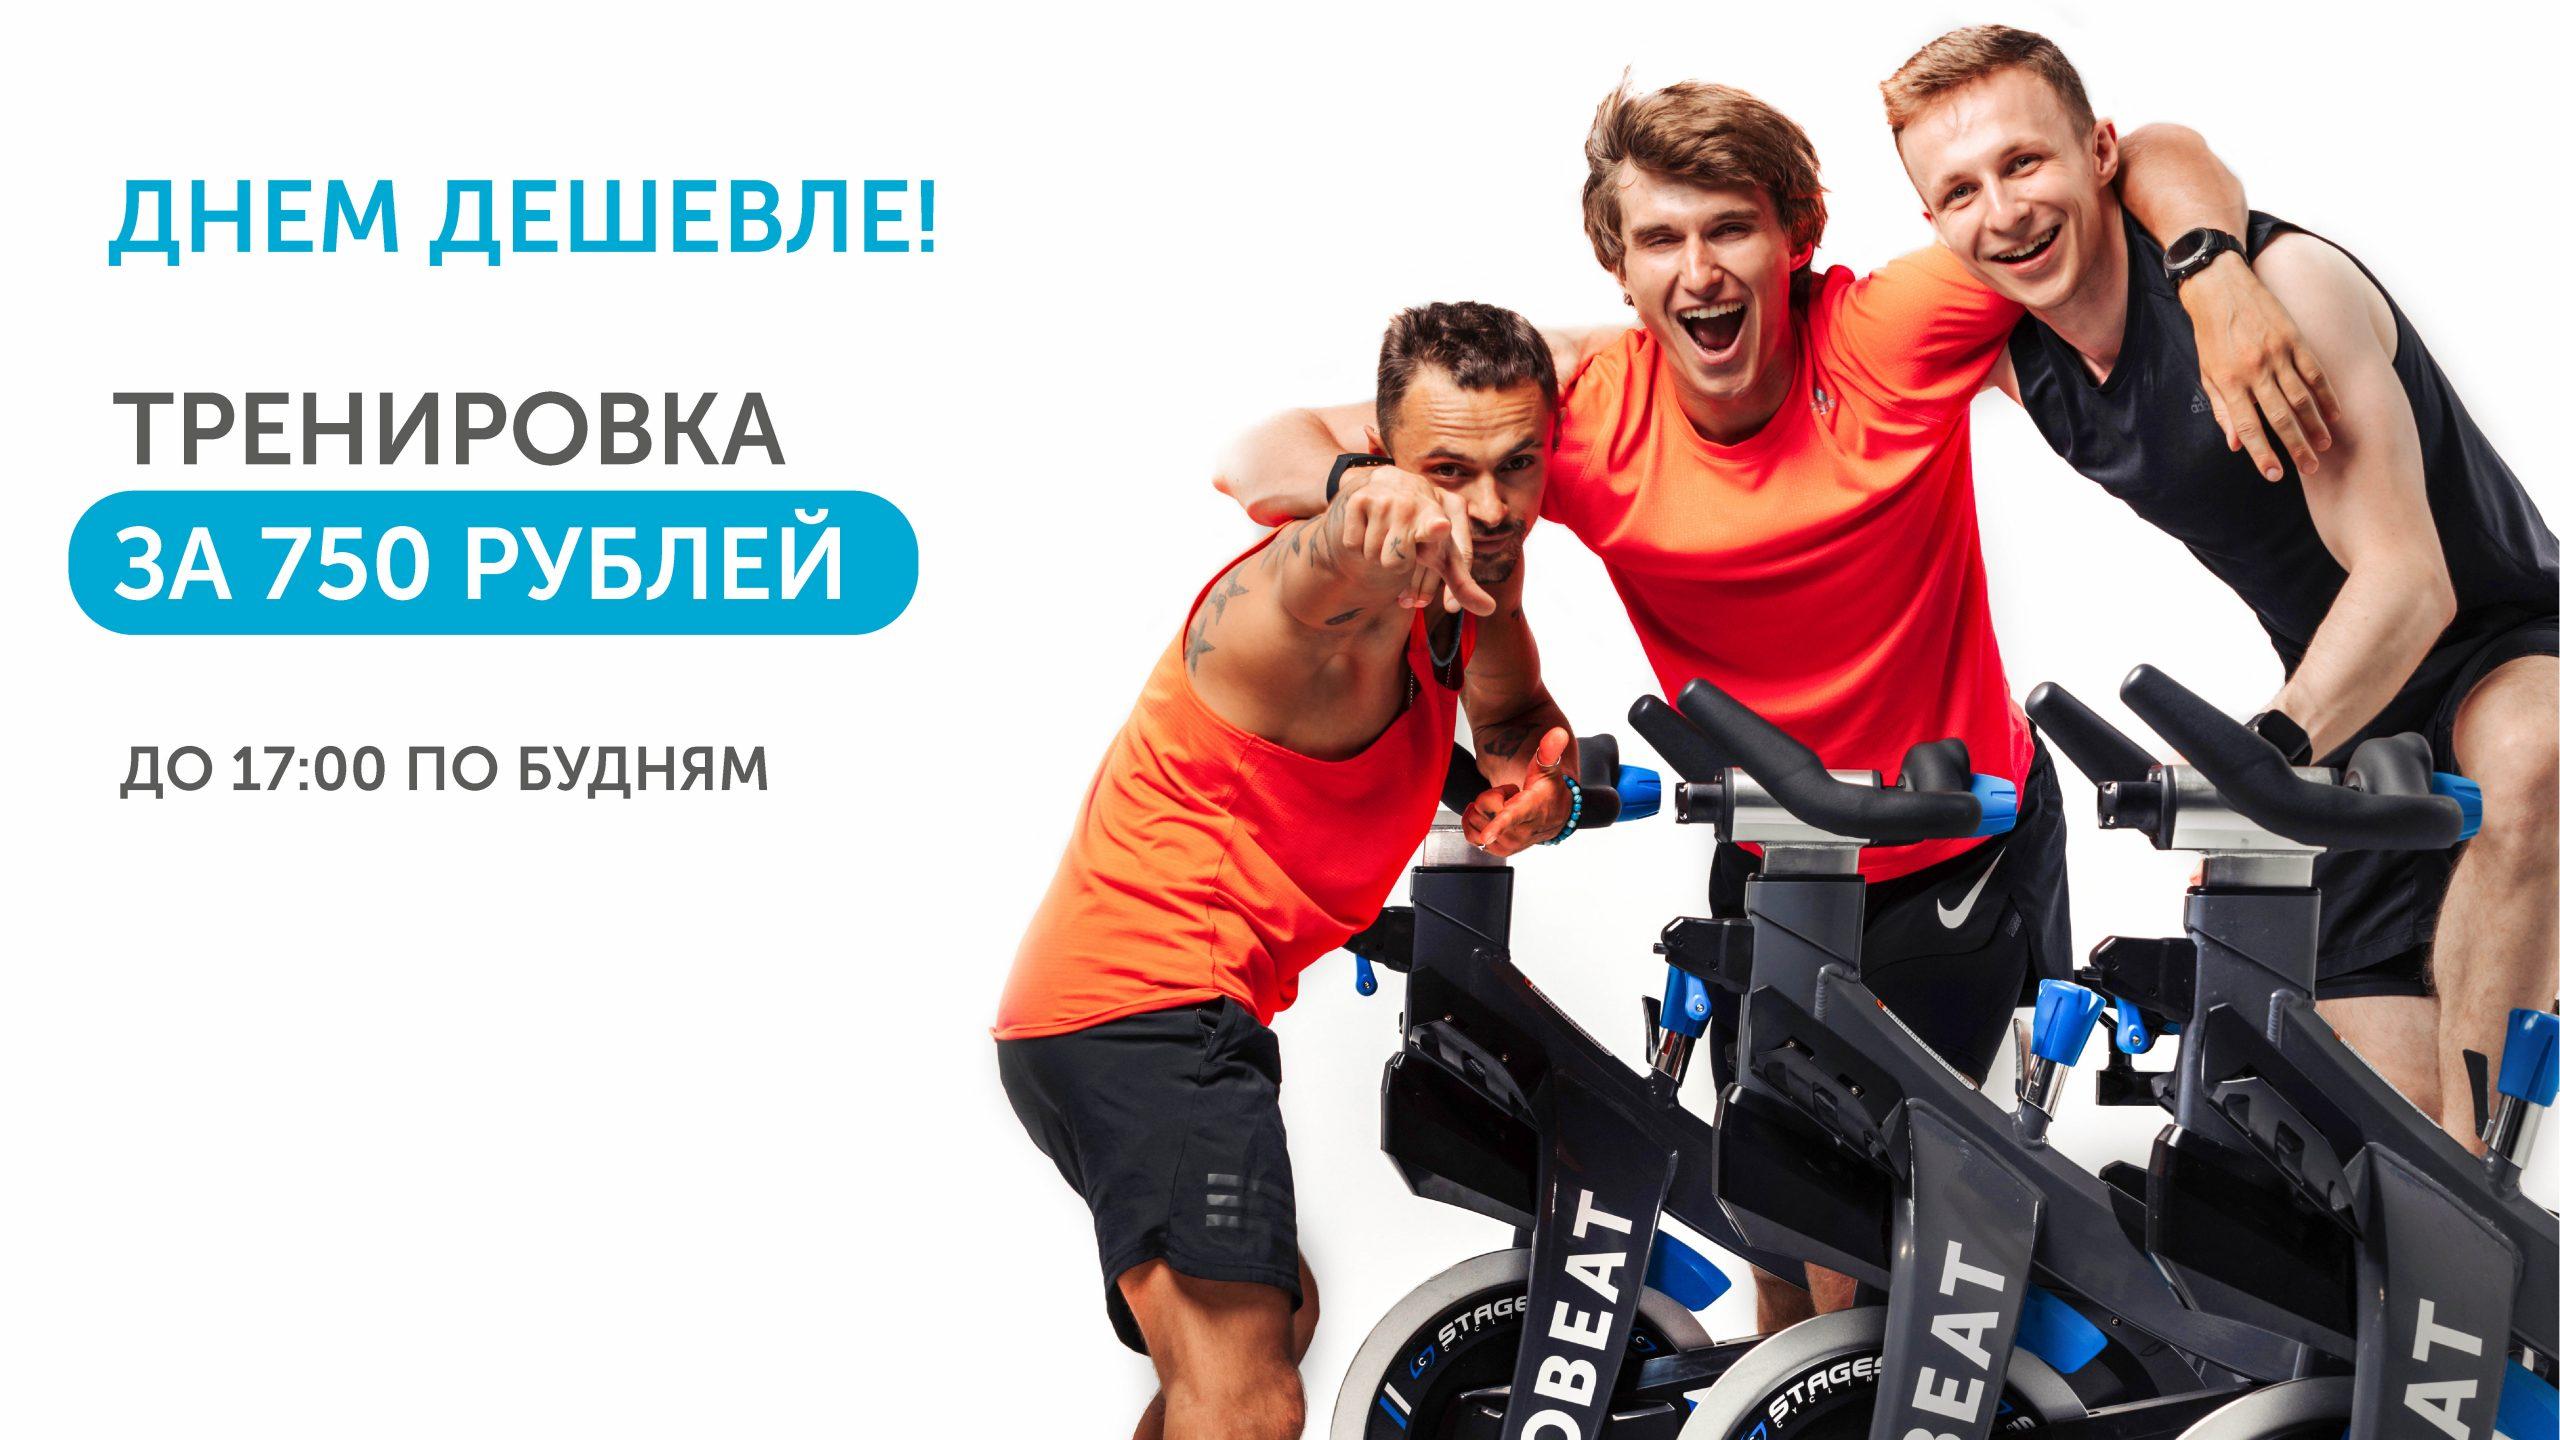 Днем дешевле! Тренировка за 750 рублей до 17:00 по будням